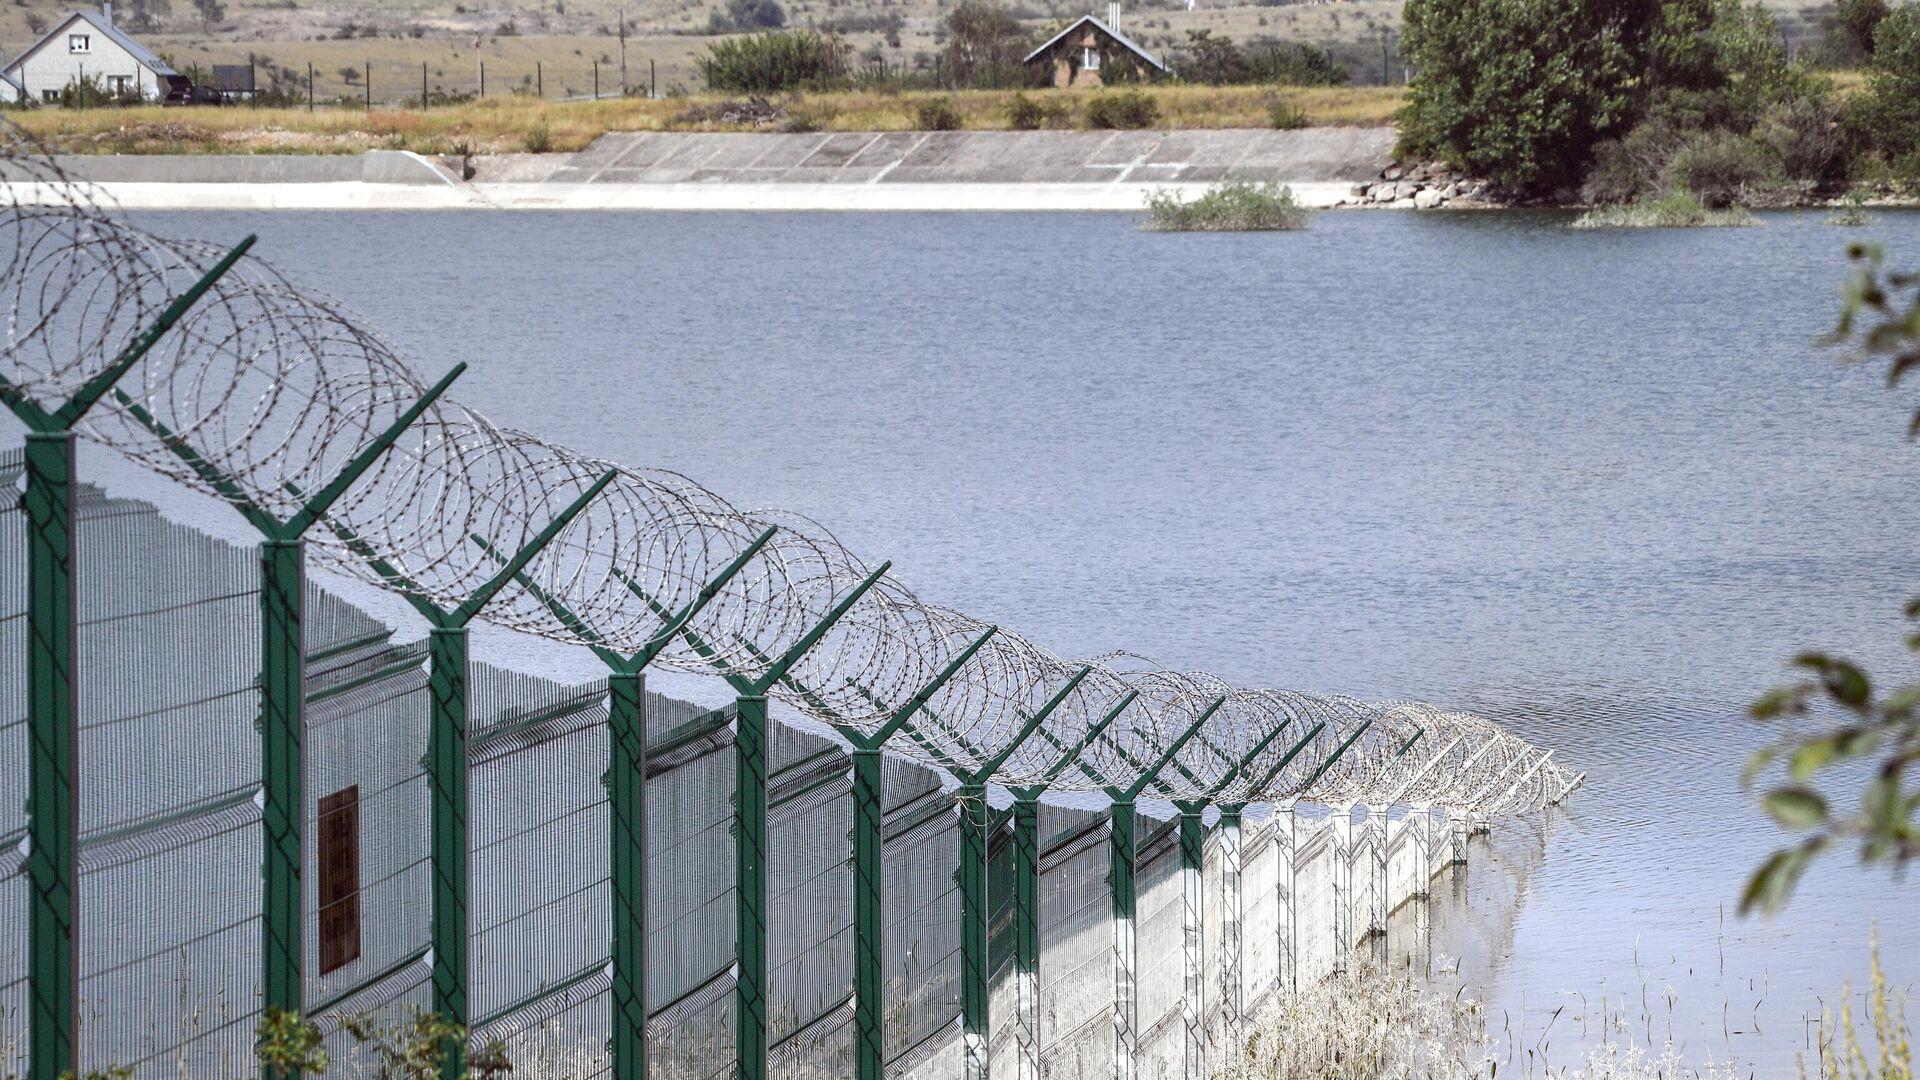 Аянское водохранилище, которое питается водами реки Аян - РИА Новости, 1920, 19.09.2021